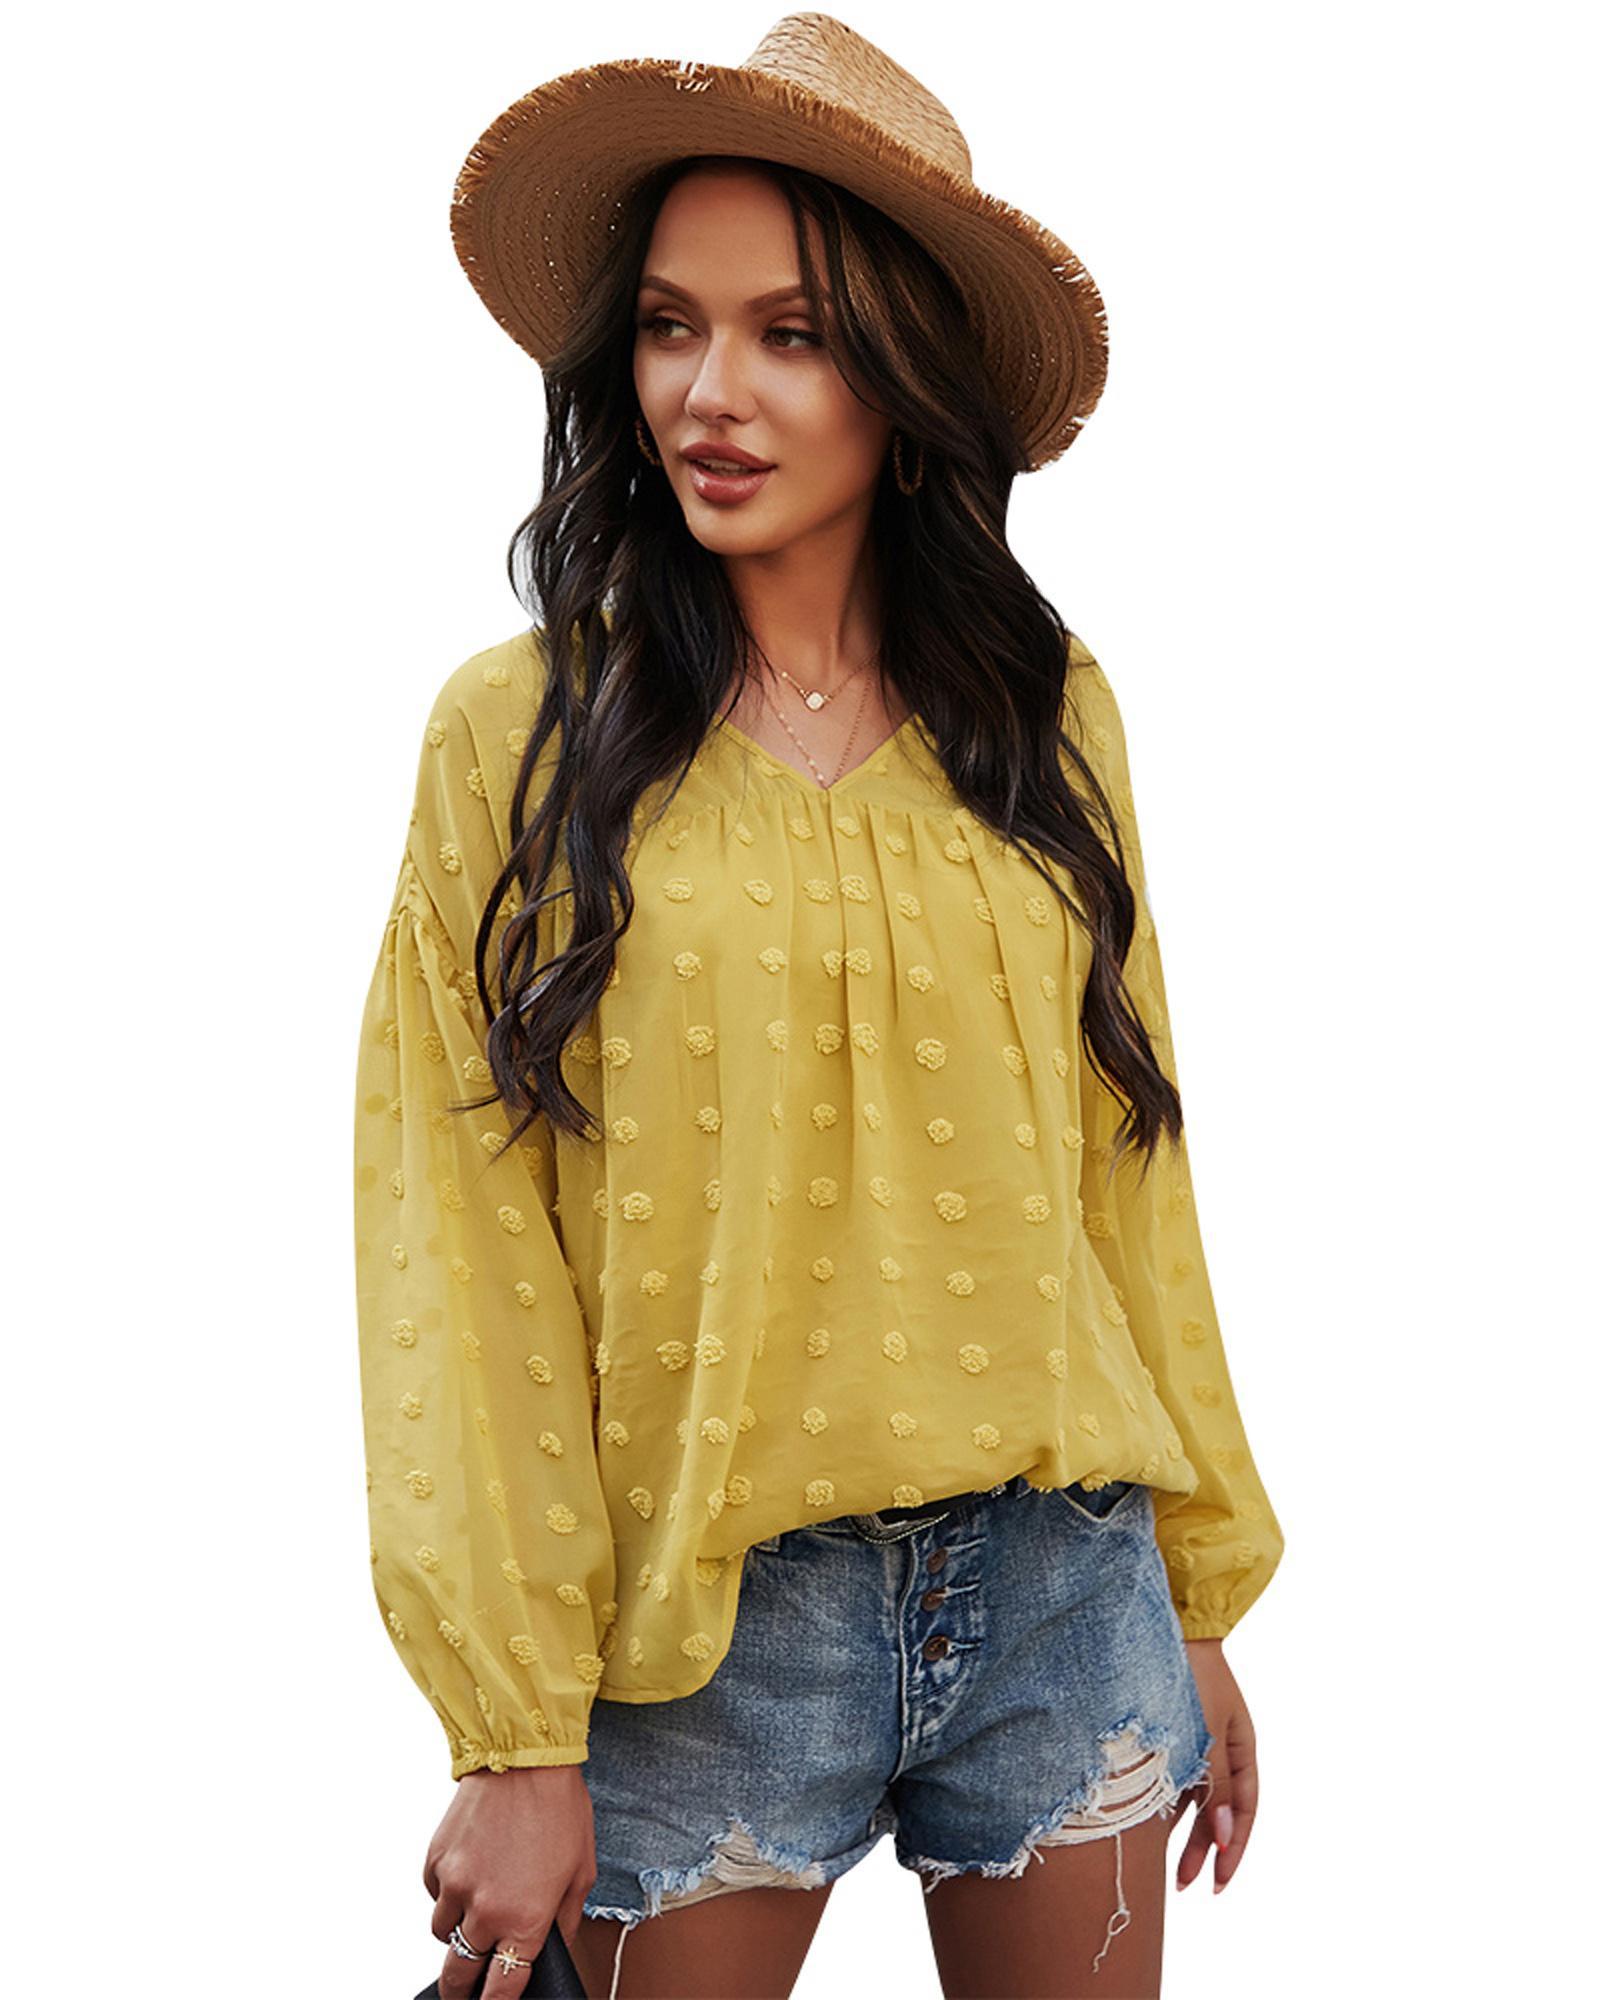 여름 새로운 여성 시폰 블라우스 우아한 랜턴 긴 소매 v 목 탑스 pom pom sunscreen shirts 캐주얼 튜닉